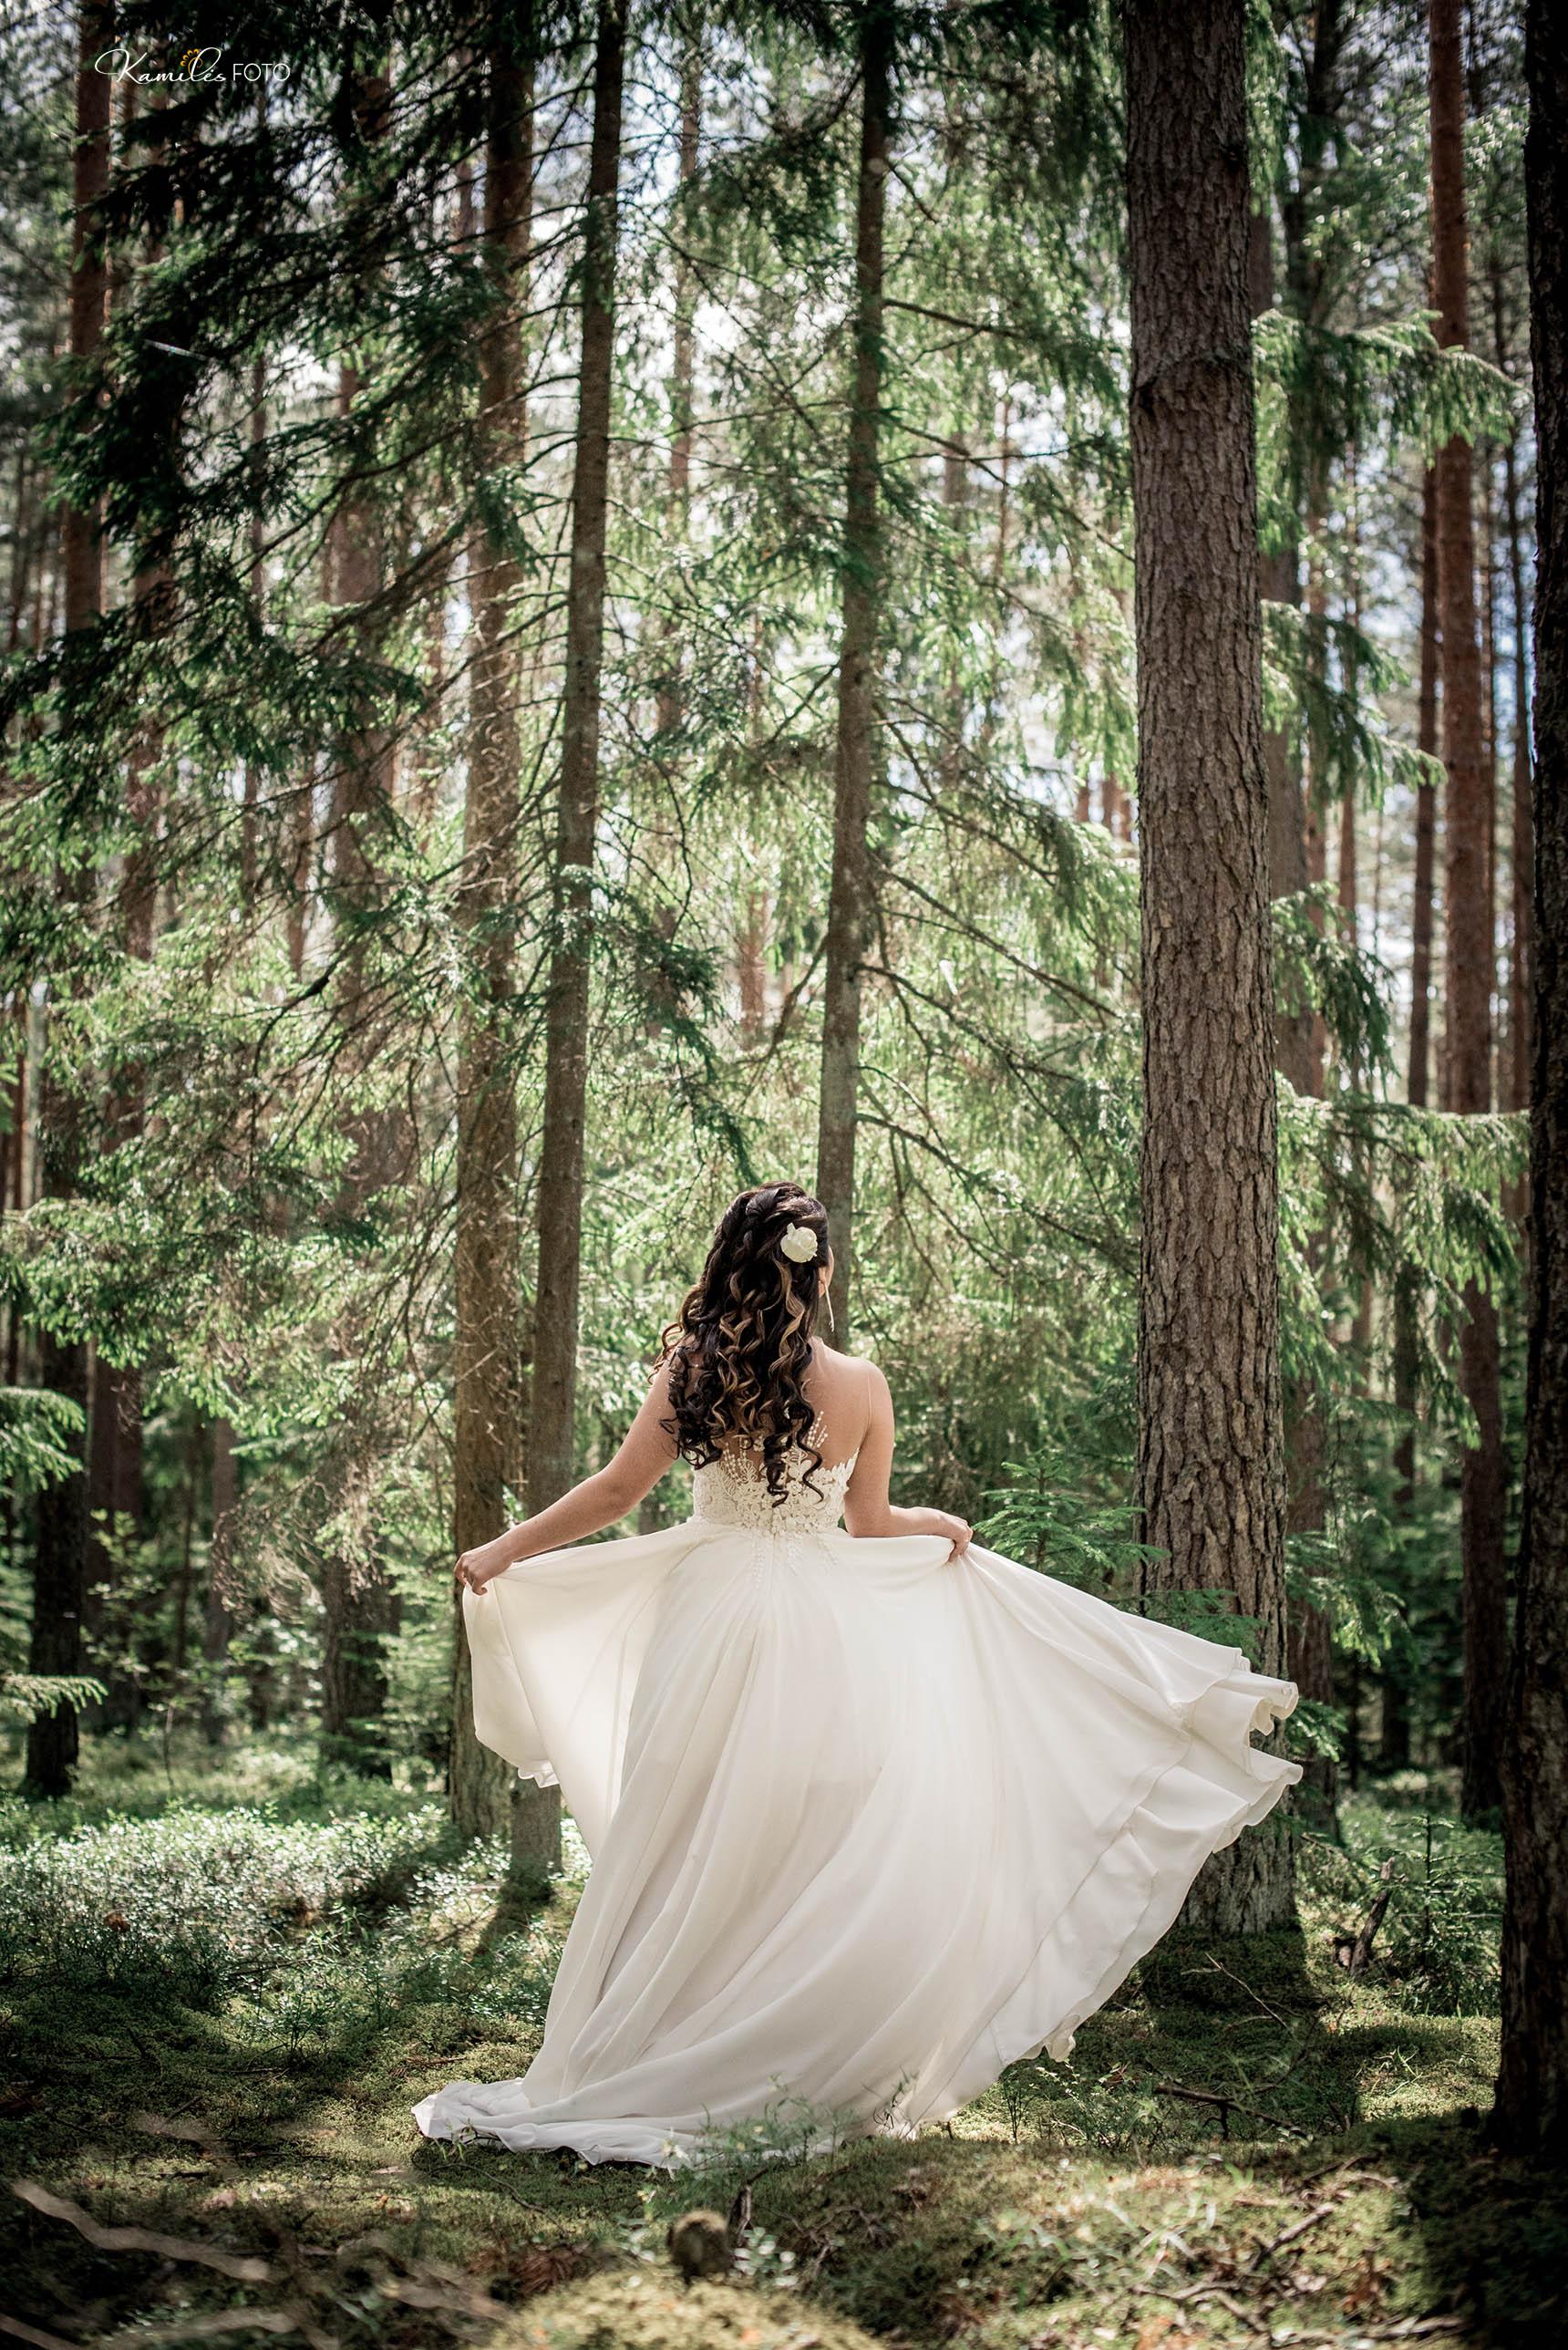 vestuviu fotografas Vilniuje, vestuviu fotografas Kaune, vestuviu fotografas Klaipedoje, Kamile Adomaityte